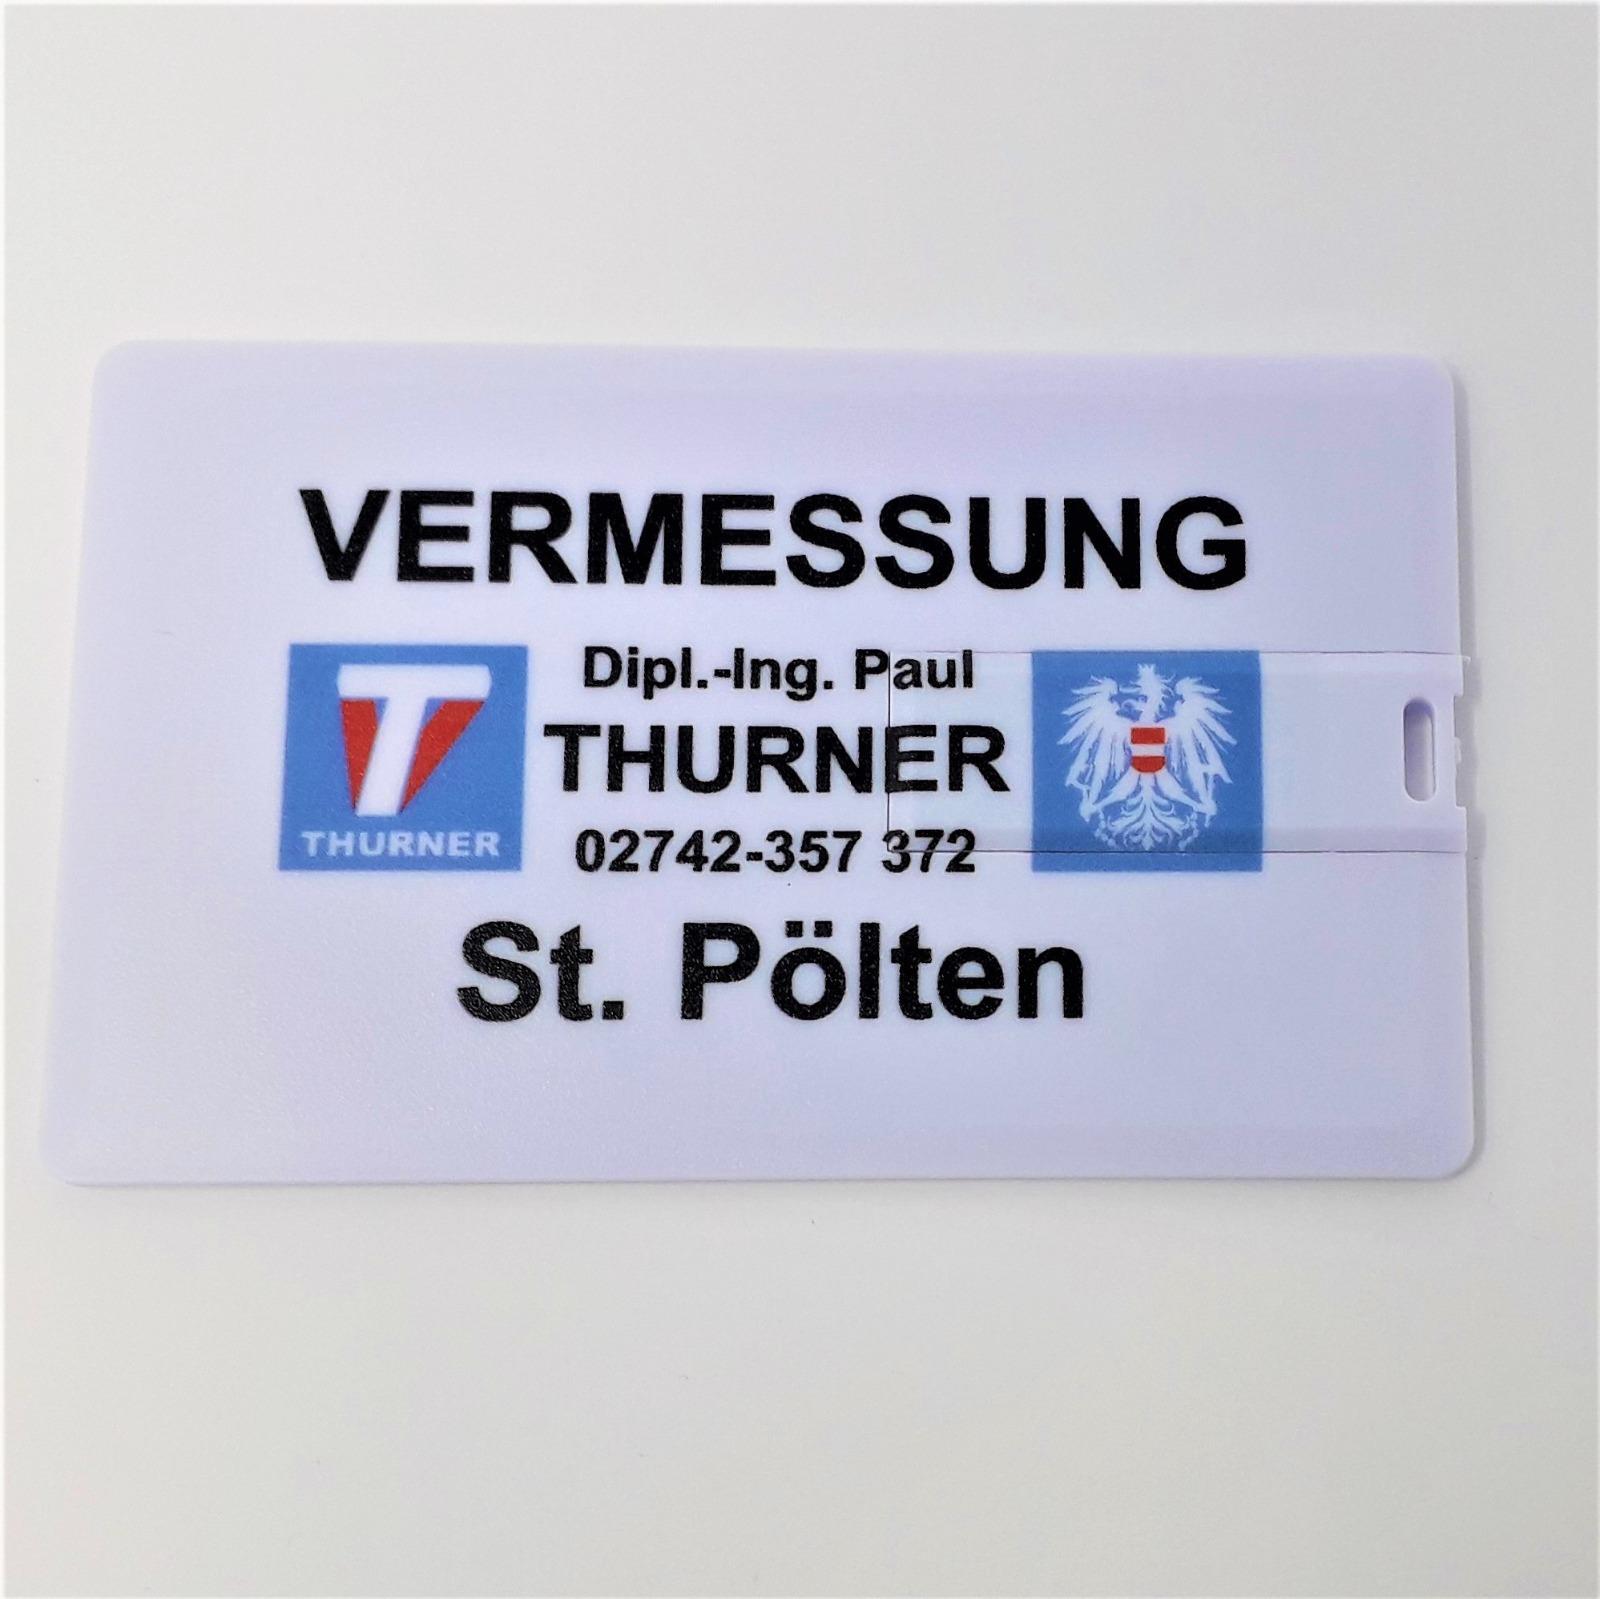 vermessungdithurner_usb-stickkarte.jpg